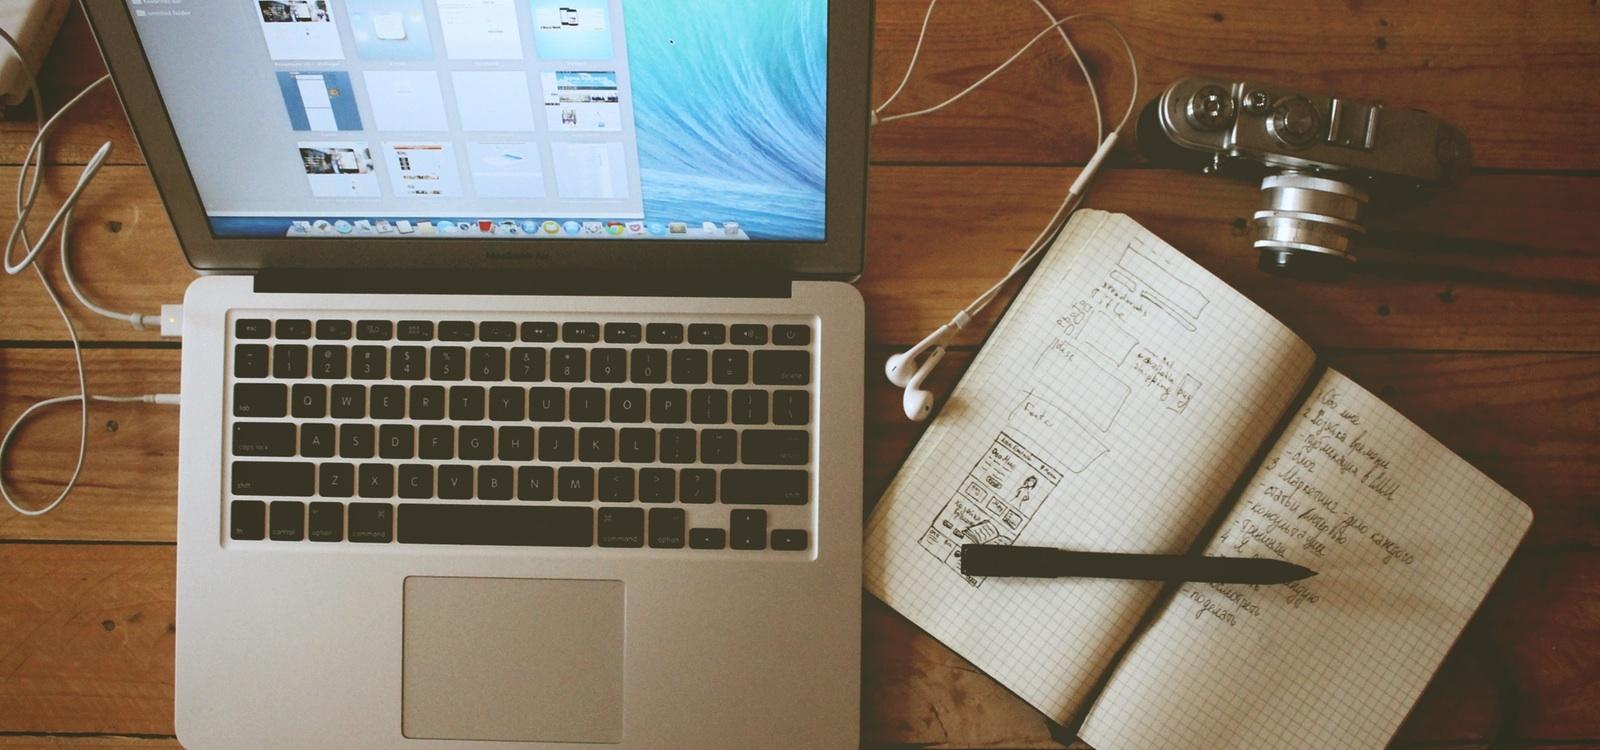 Tradurre il tuo blog in più lingue: come e perché farlo (e SE farlo)